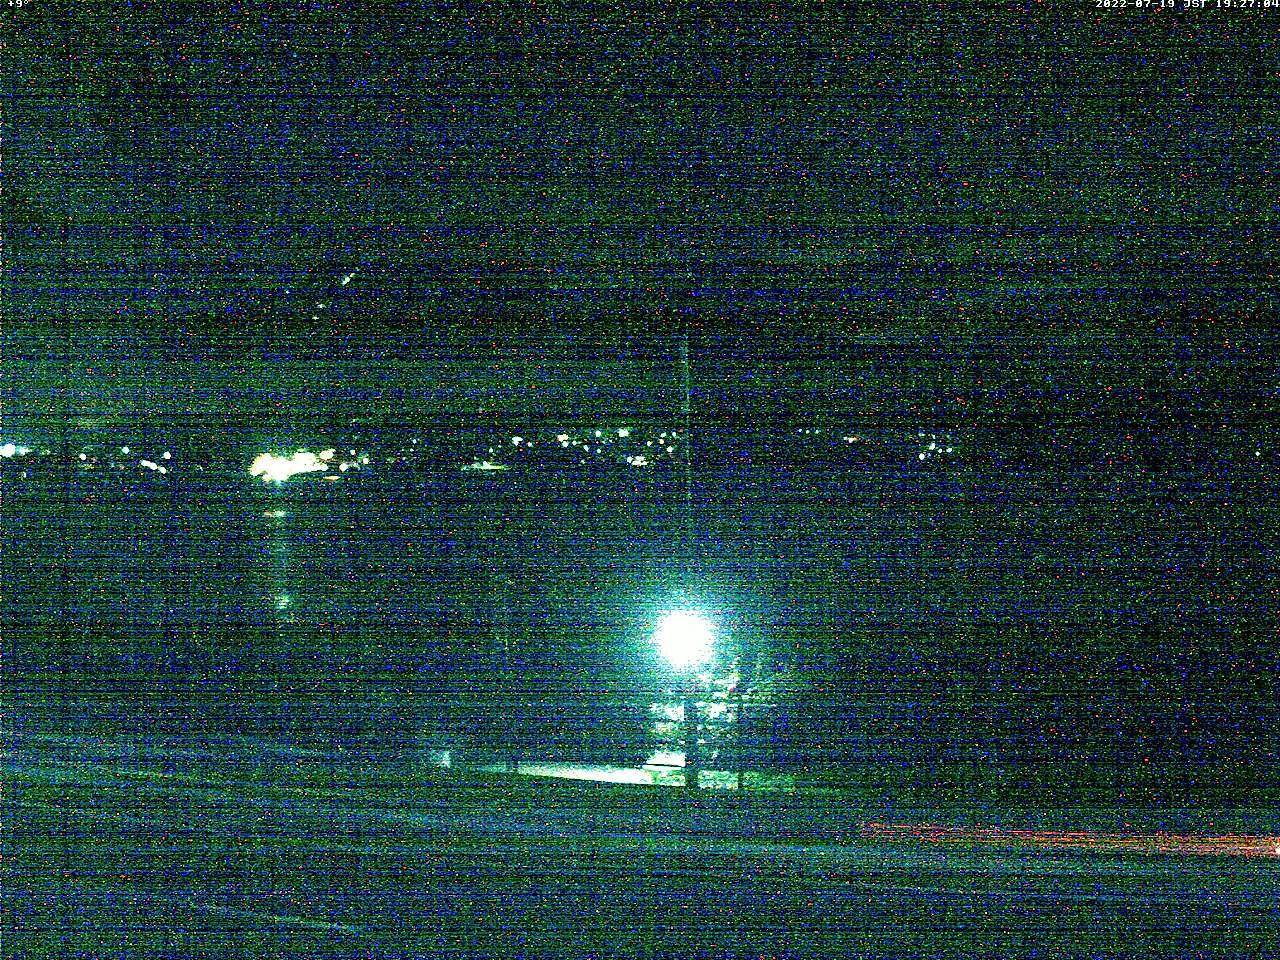 富士山ライブカメラ(河口湖大石湖畔カメラ)